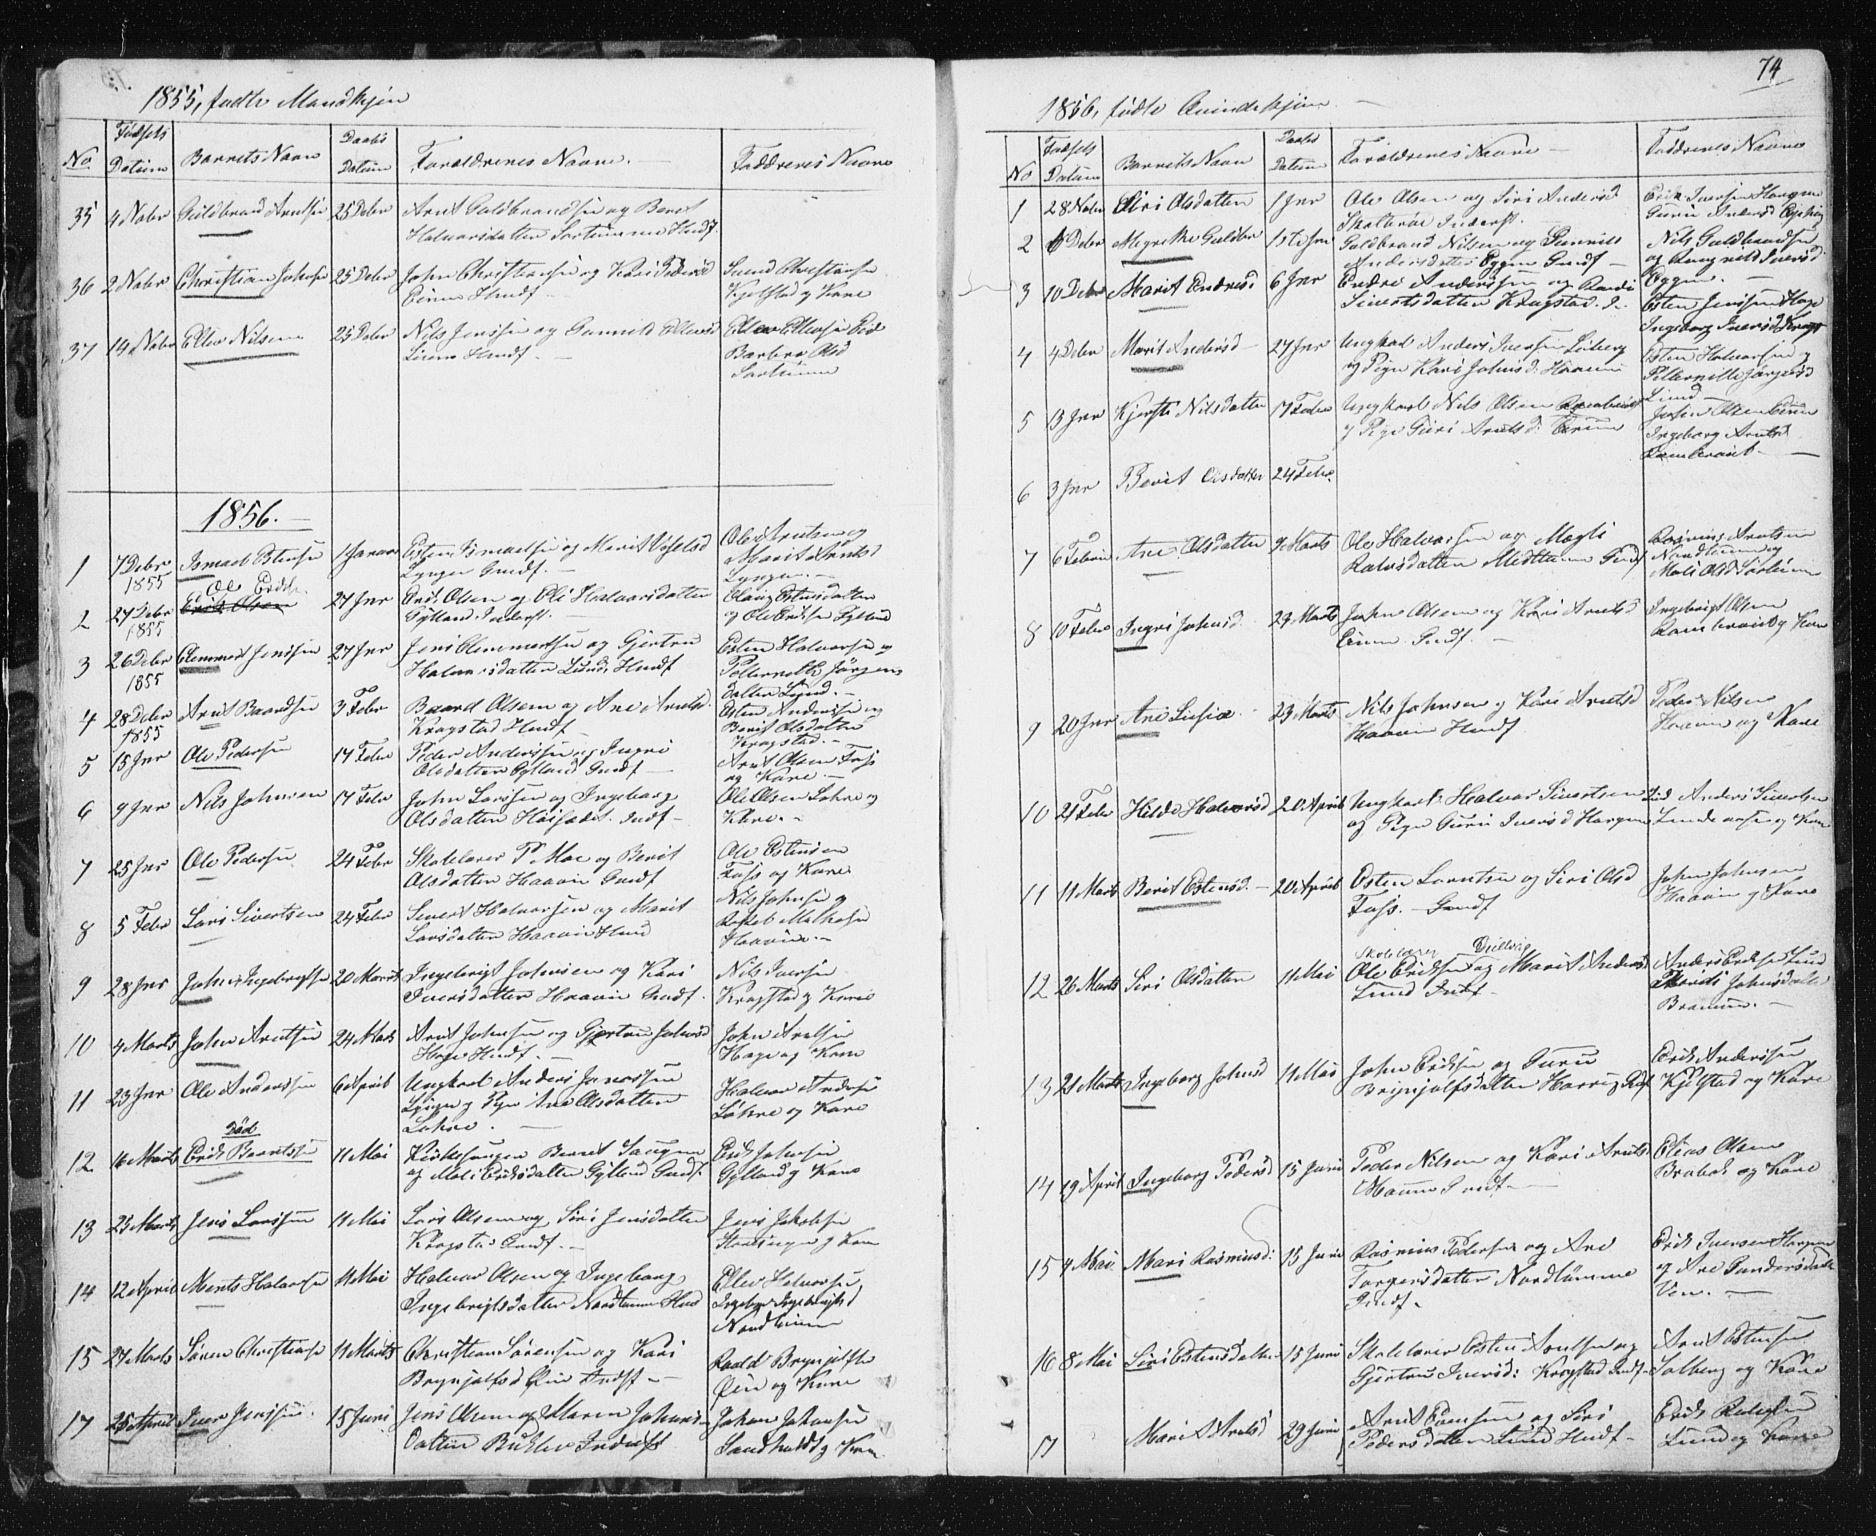 SAT, Ministerialprotokoller, klokkerbøker og fødselsregistre - Sør-Trøndelag, 692/L1110: Klokkerbok nr. 692C05, 1849-1889, s. 74